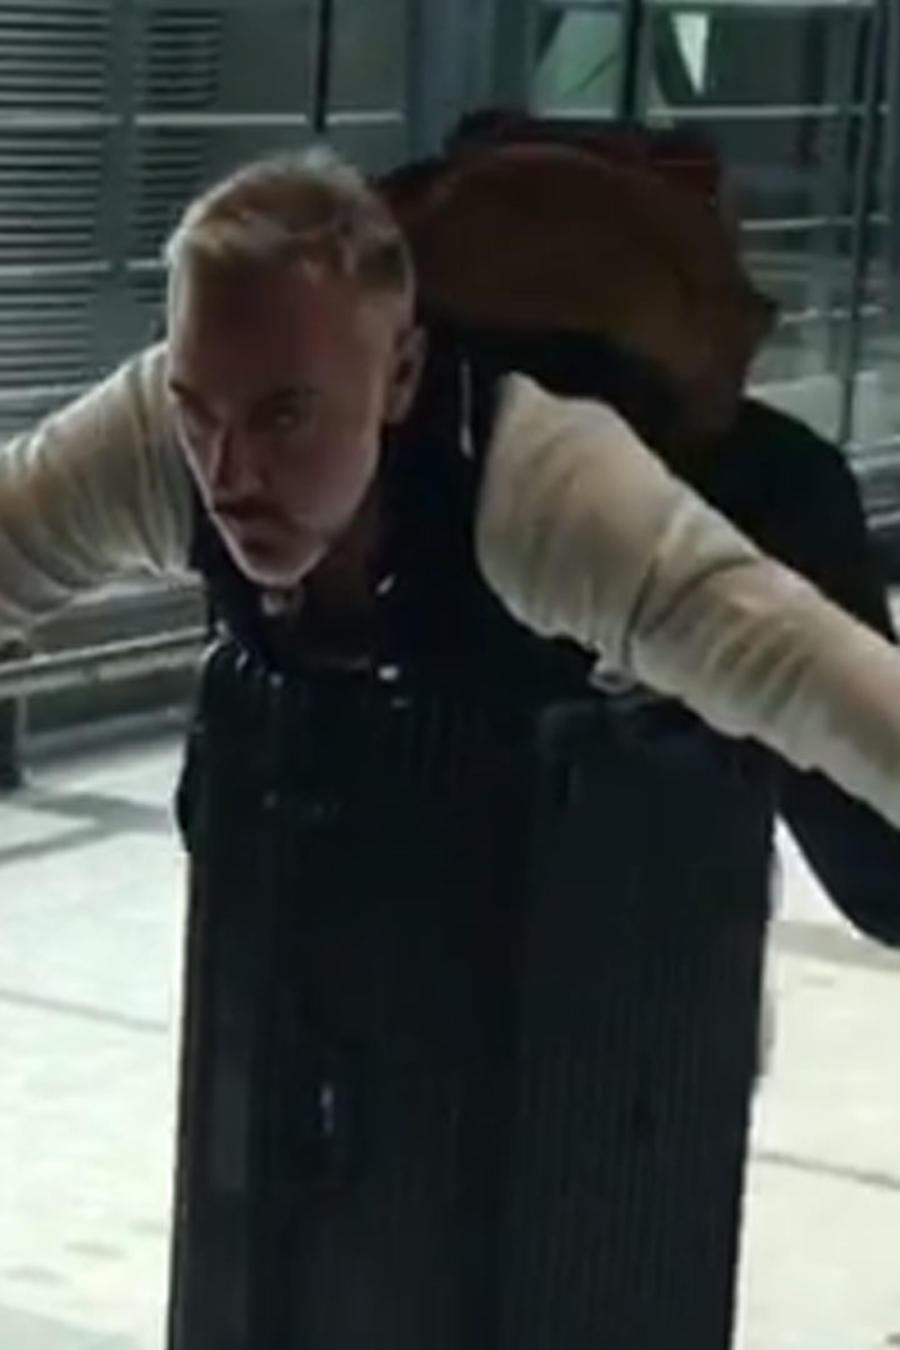 Gianluca Vacchi se pone juguetón en el aeropuerto